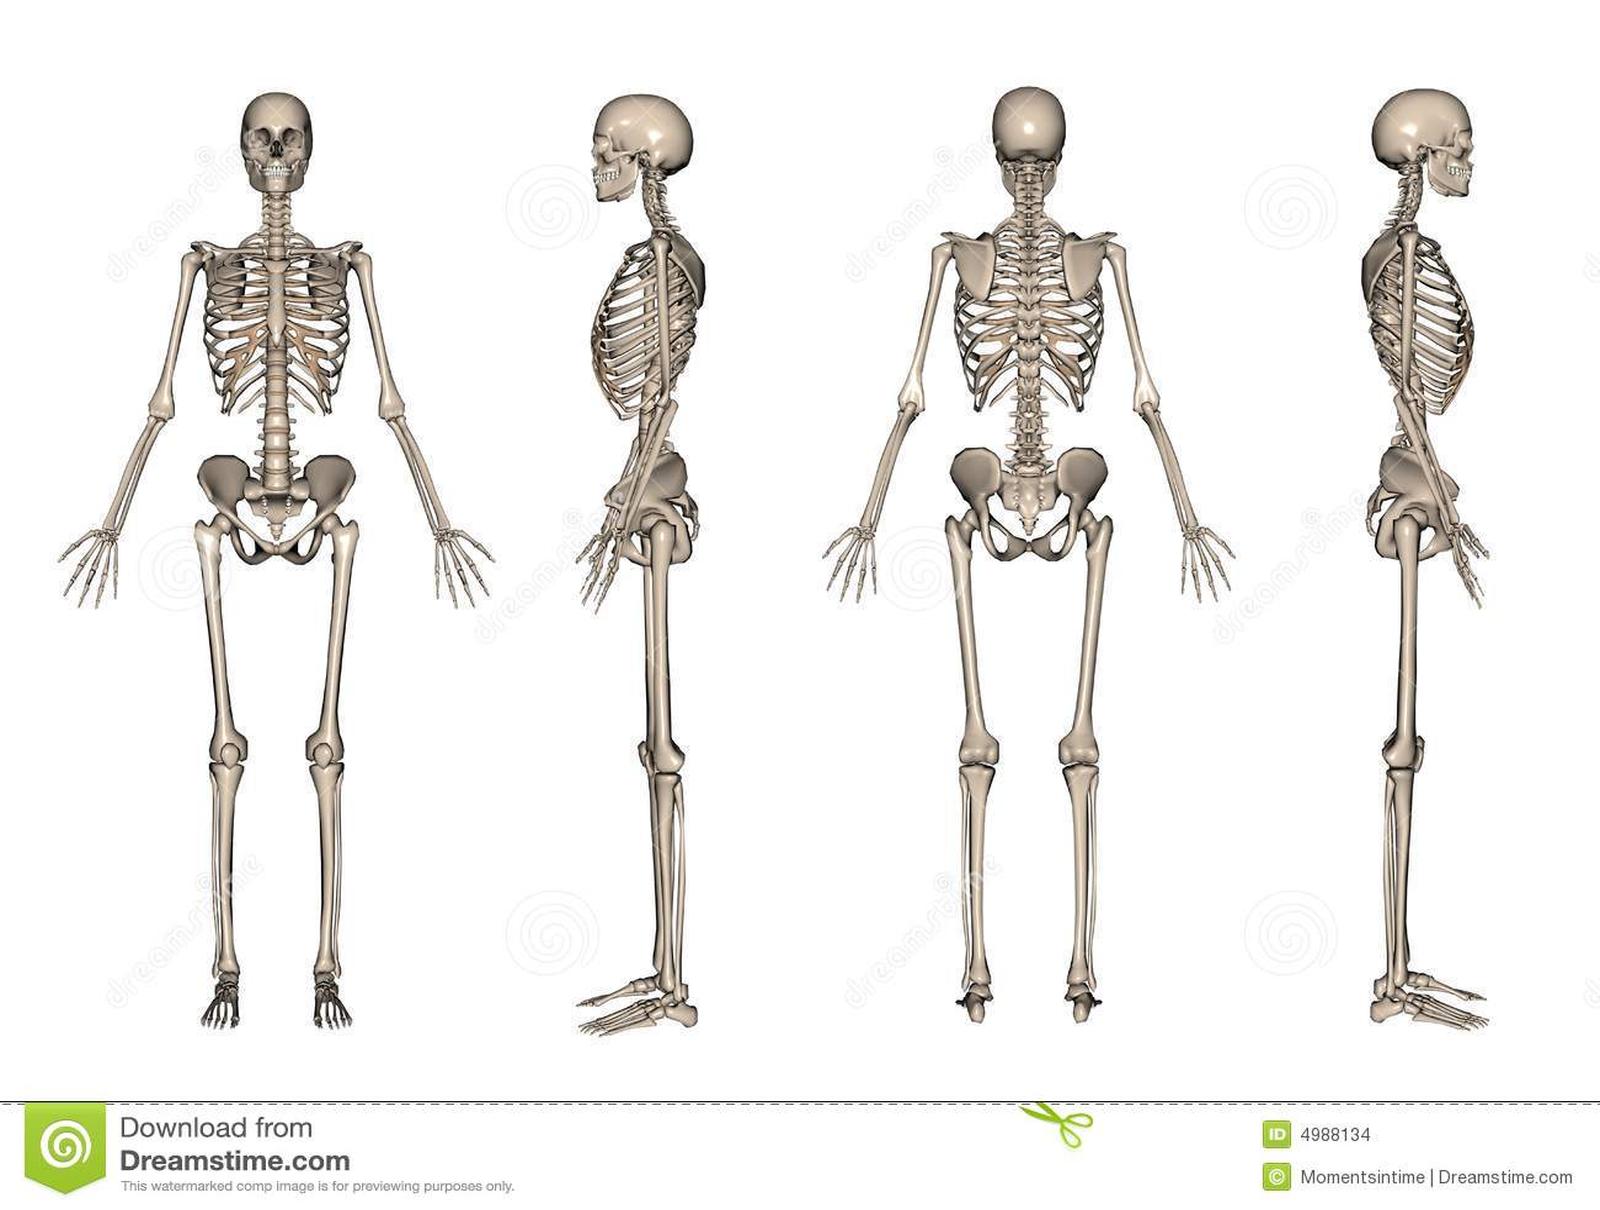 Großzügig 3d Skelett Anatomie Fotos - Menschliche Anatomie Bilder ...